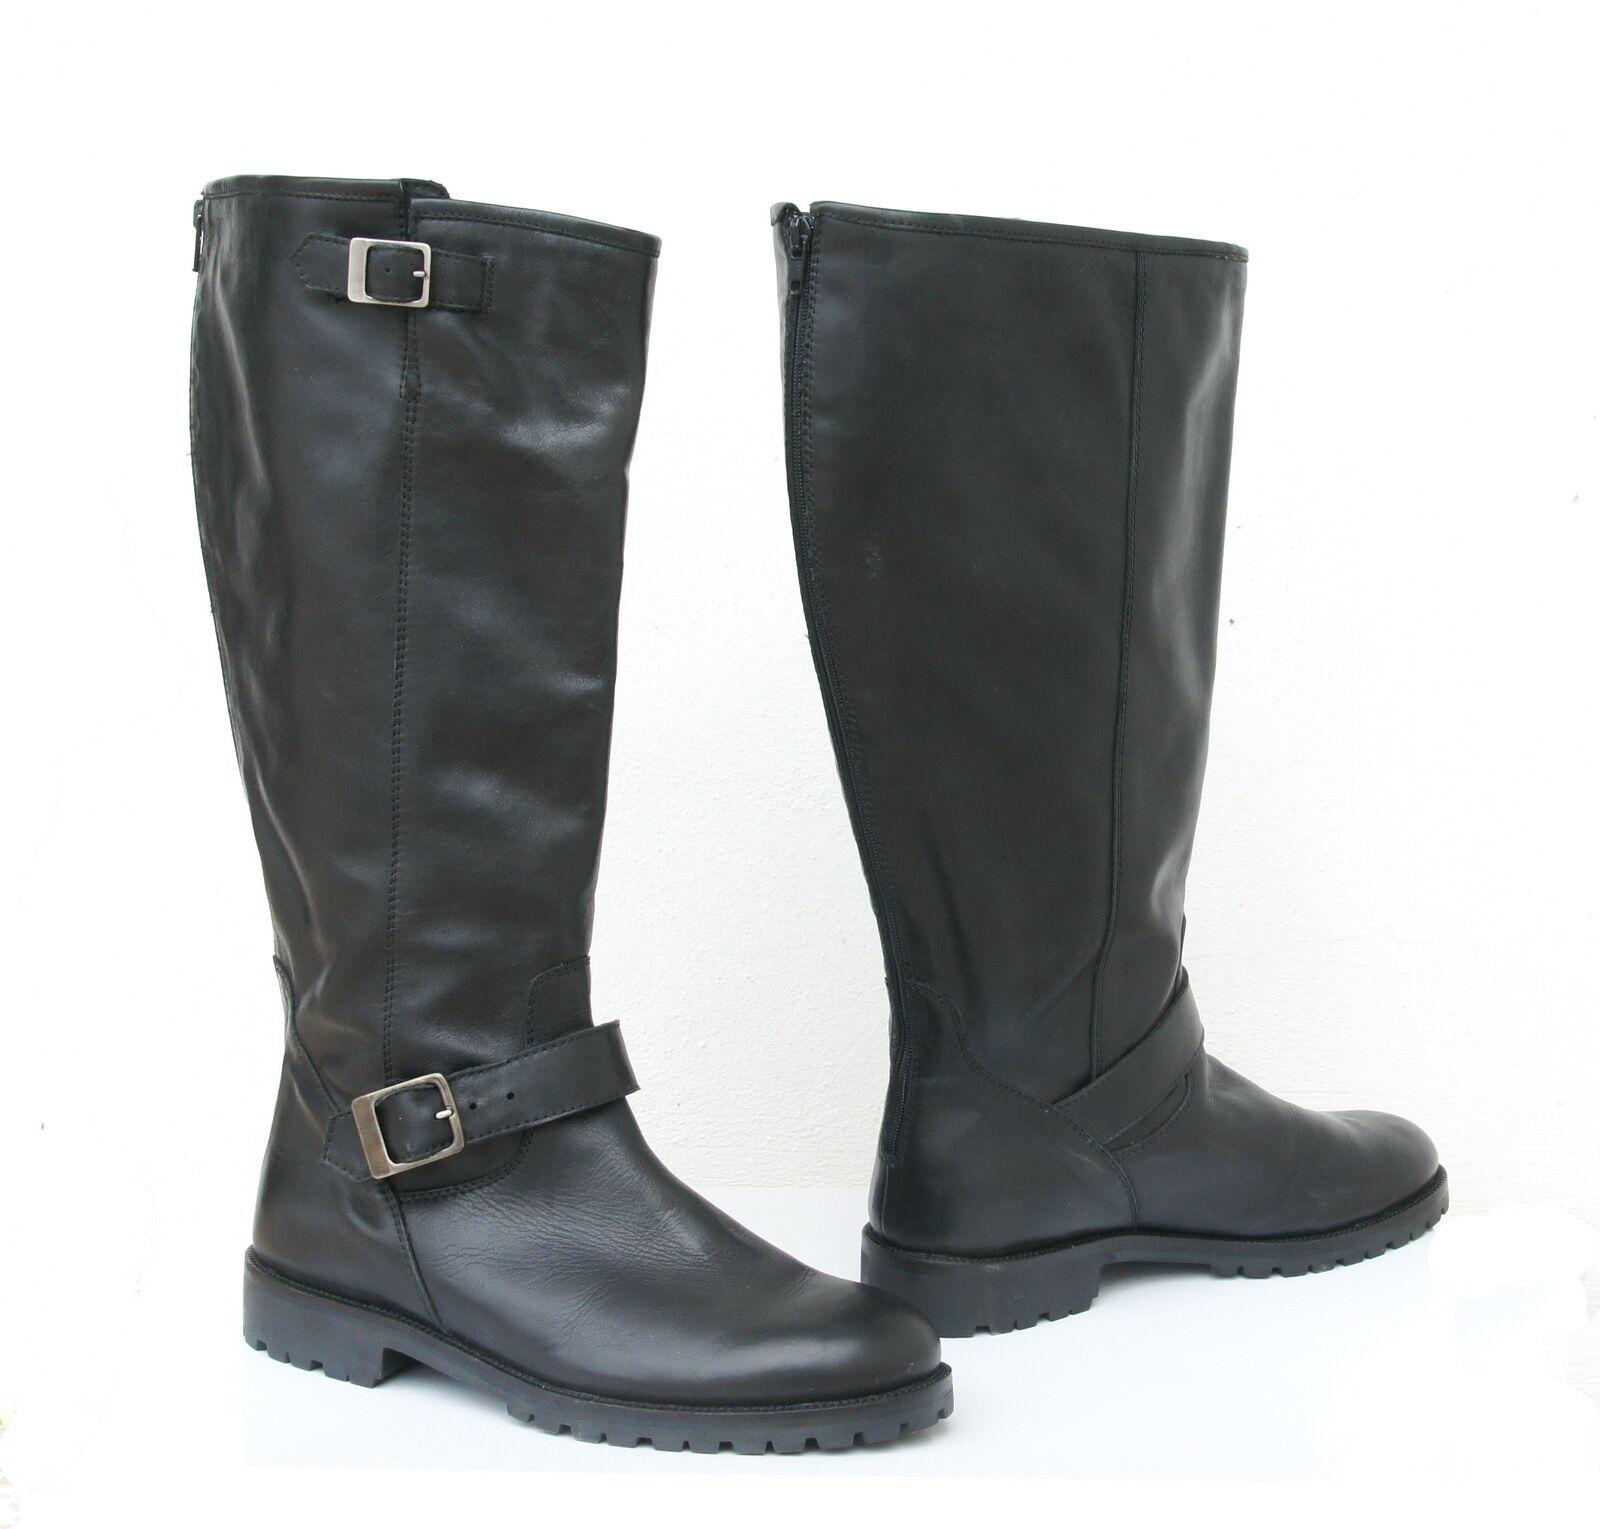 stivali polpaccio grande - wide 41-42 calf boots Runnerbull mis 41-42 wide 9708c5